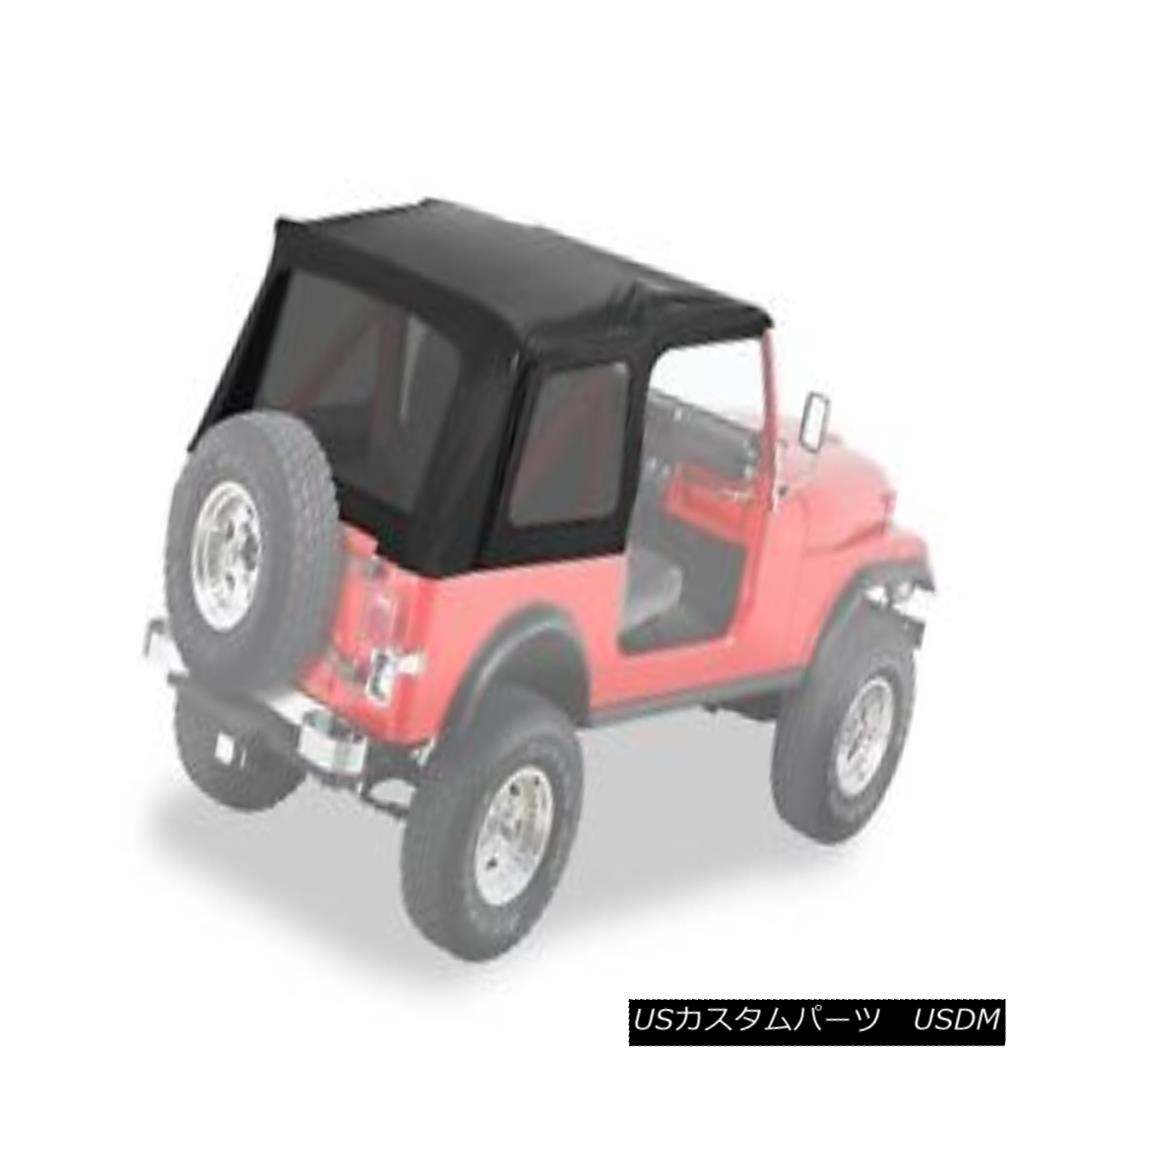 幌・ソフトトップ Bestop 54599-15 Jeep Supertop Classic Replacement Soft Top Black Denim Bestop 54599-15 Jeep Supertop Classic交換用ソフトトップブラックデニム